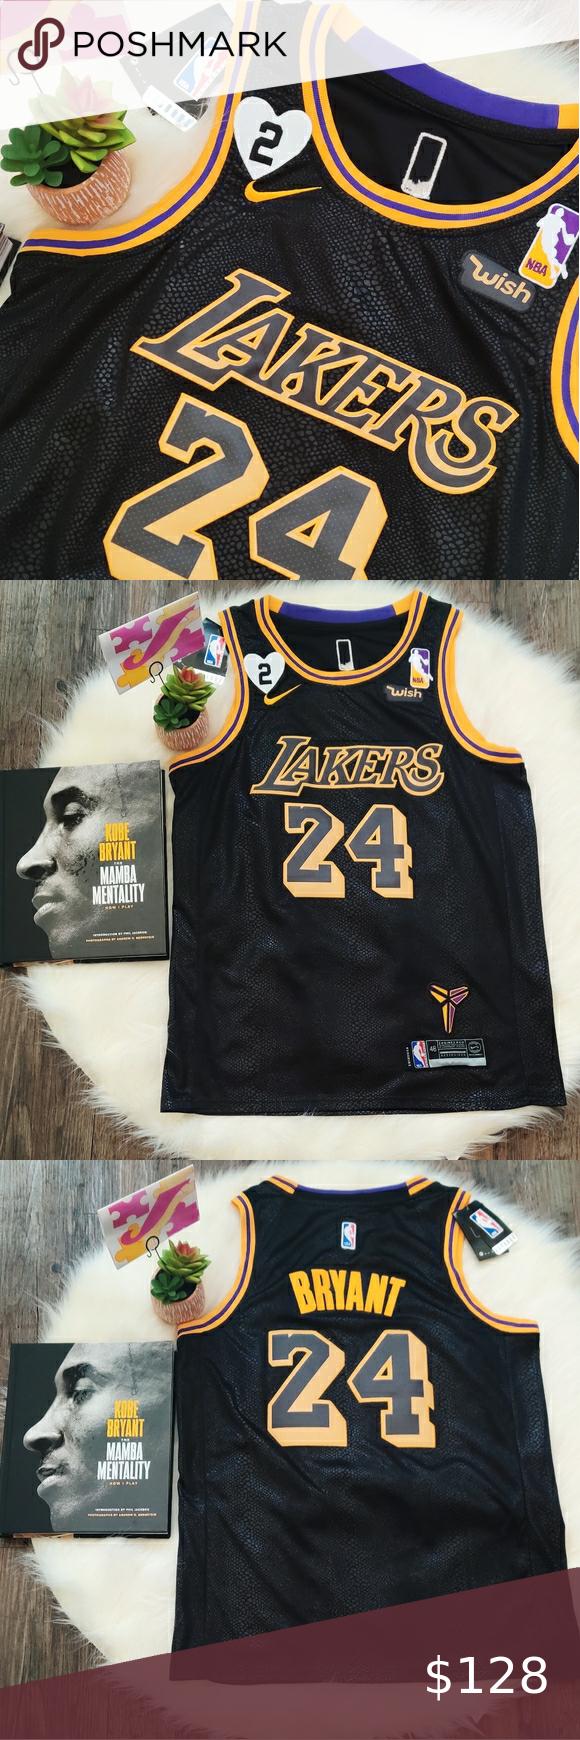 Lakers Kobe 24 Black Mamba Jersey M In 2020 Lakers Kobe Kobe Bryant 24 La Lakers Jersey